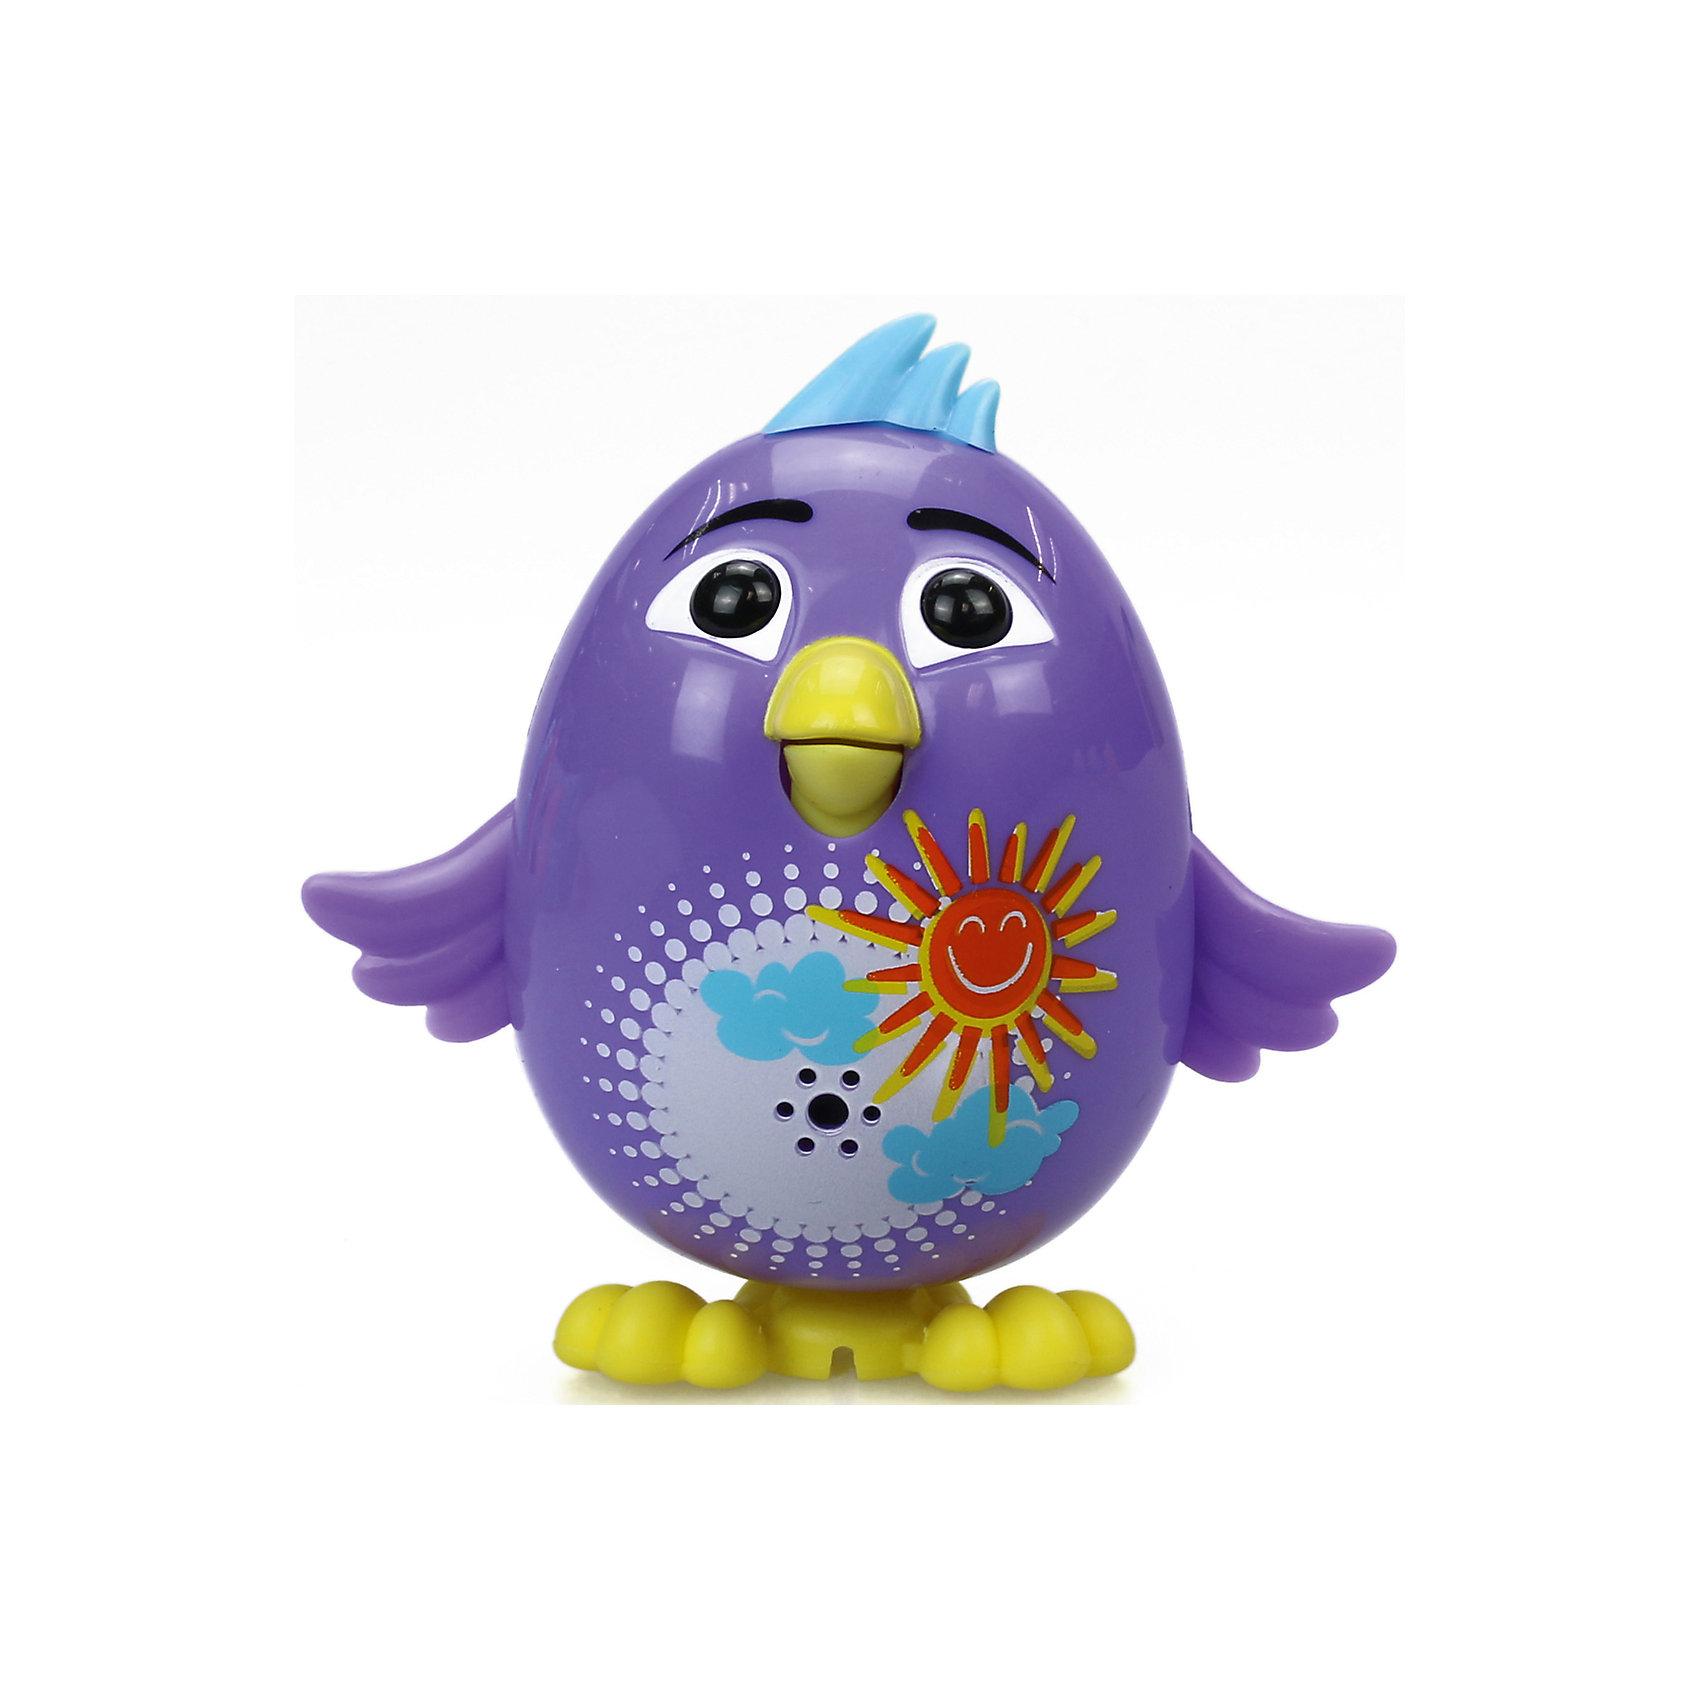 Silverlit Цыпленок с кольцом Violet, фиолетовый, DigiBirds silverlit пингвин с кольцом фиолетовый художник